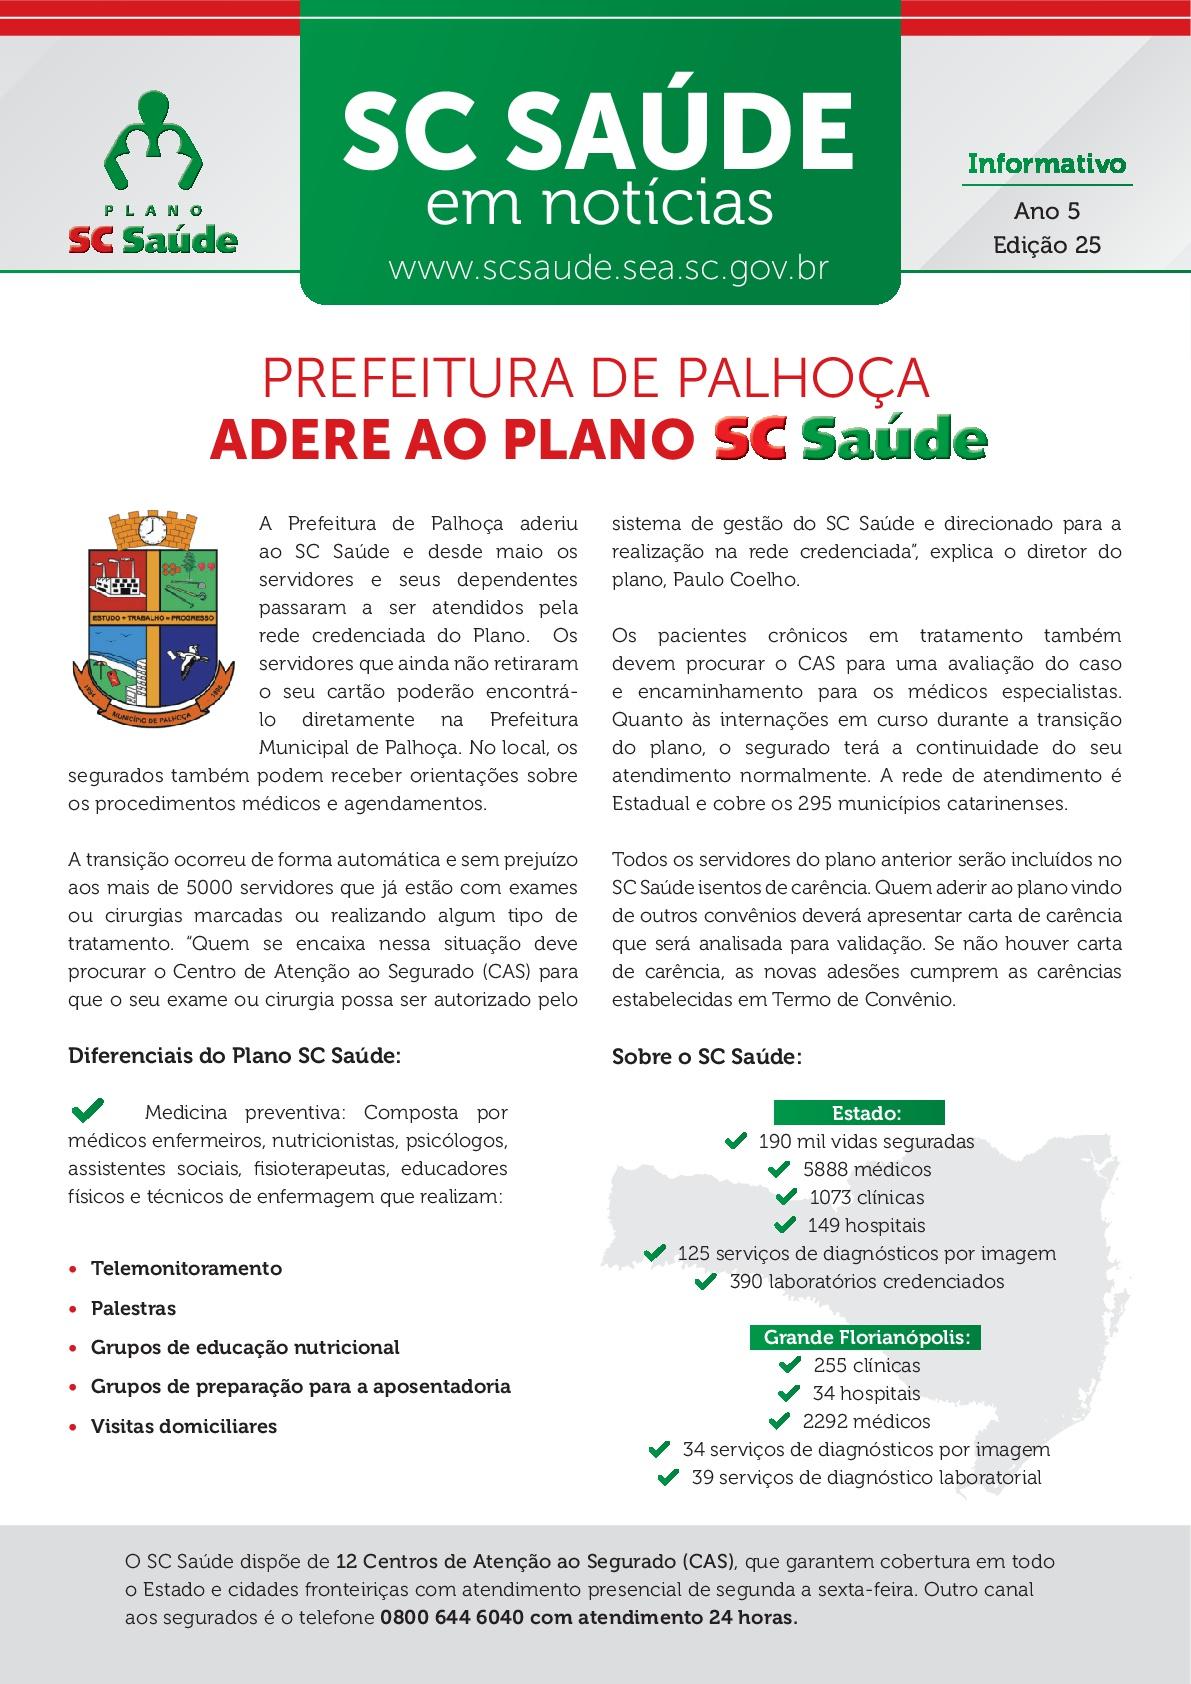 Edição #25 – Prefeitura de Palhoça adere ao plano SC Saúde